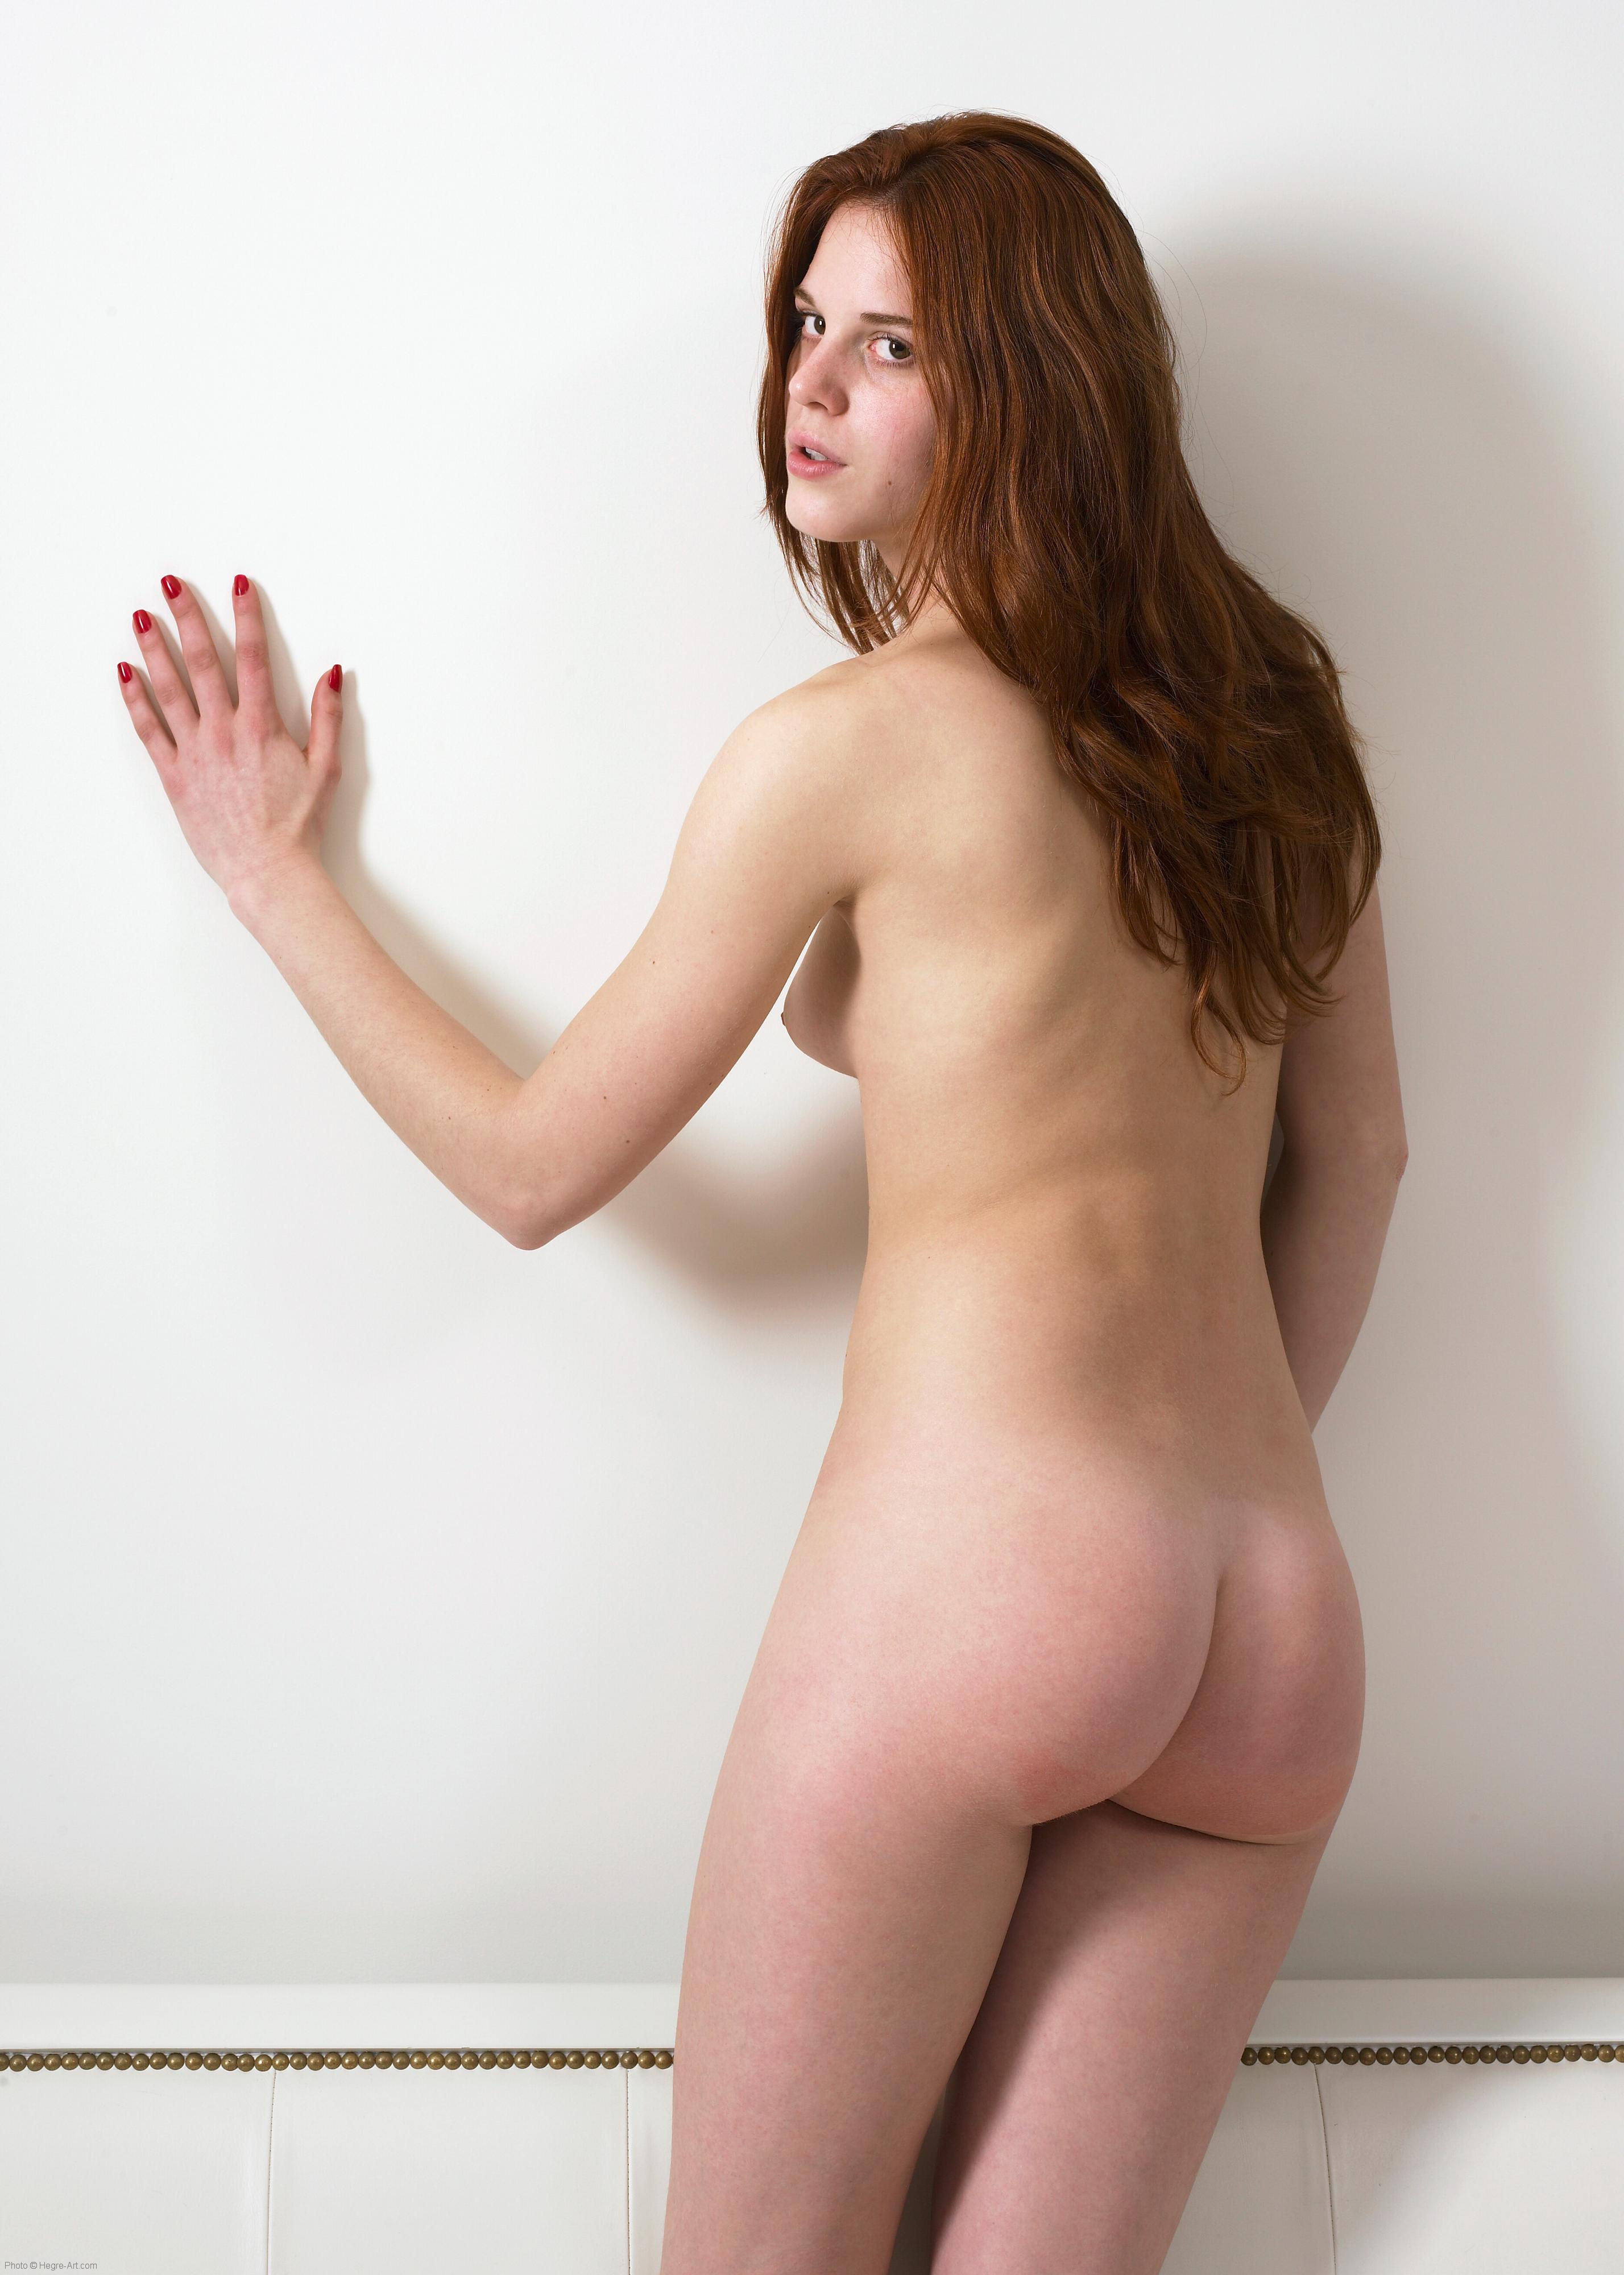 Yola Shy Nudes